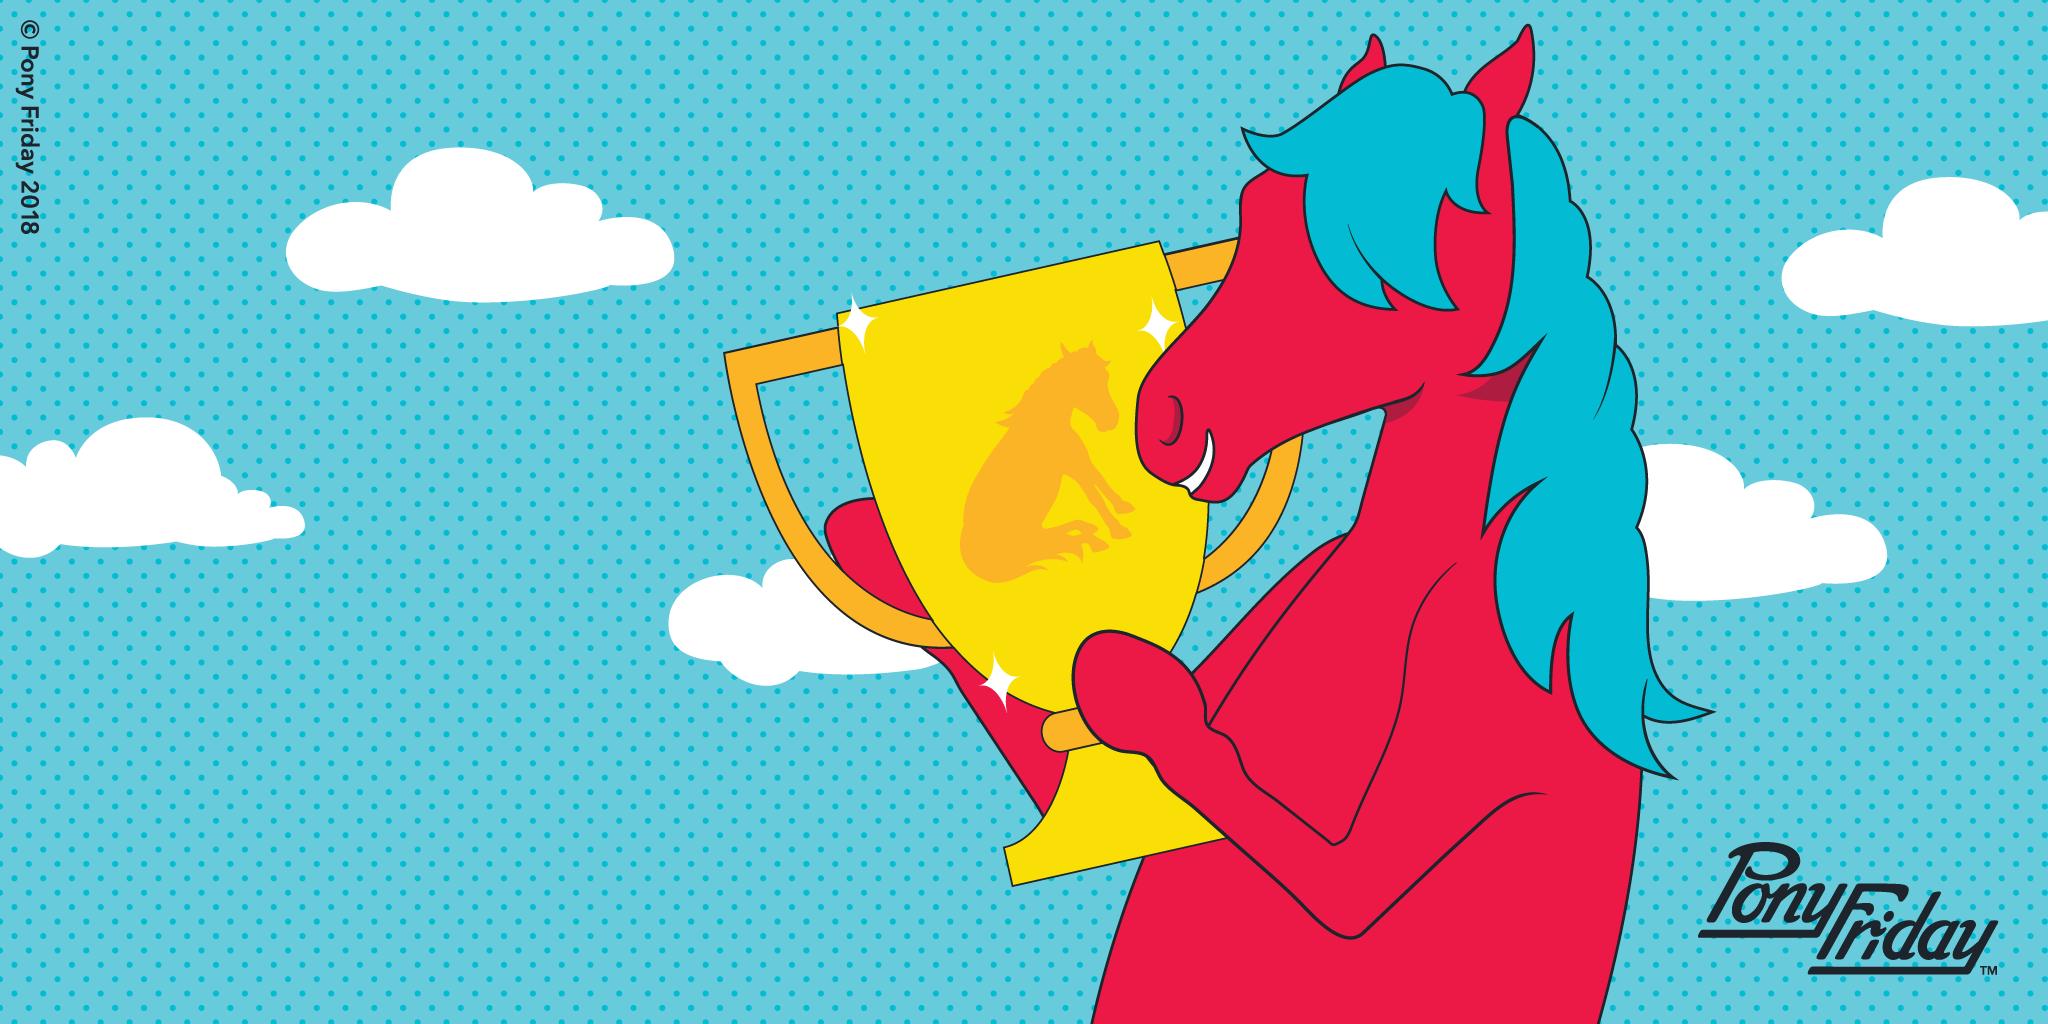 Pony-Friday-Trophy-Kicks-Blog-Post-Header-Image.png